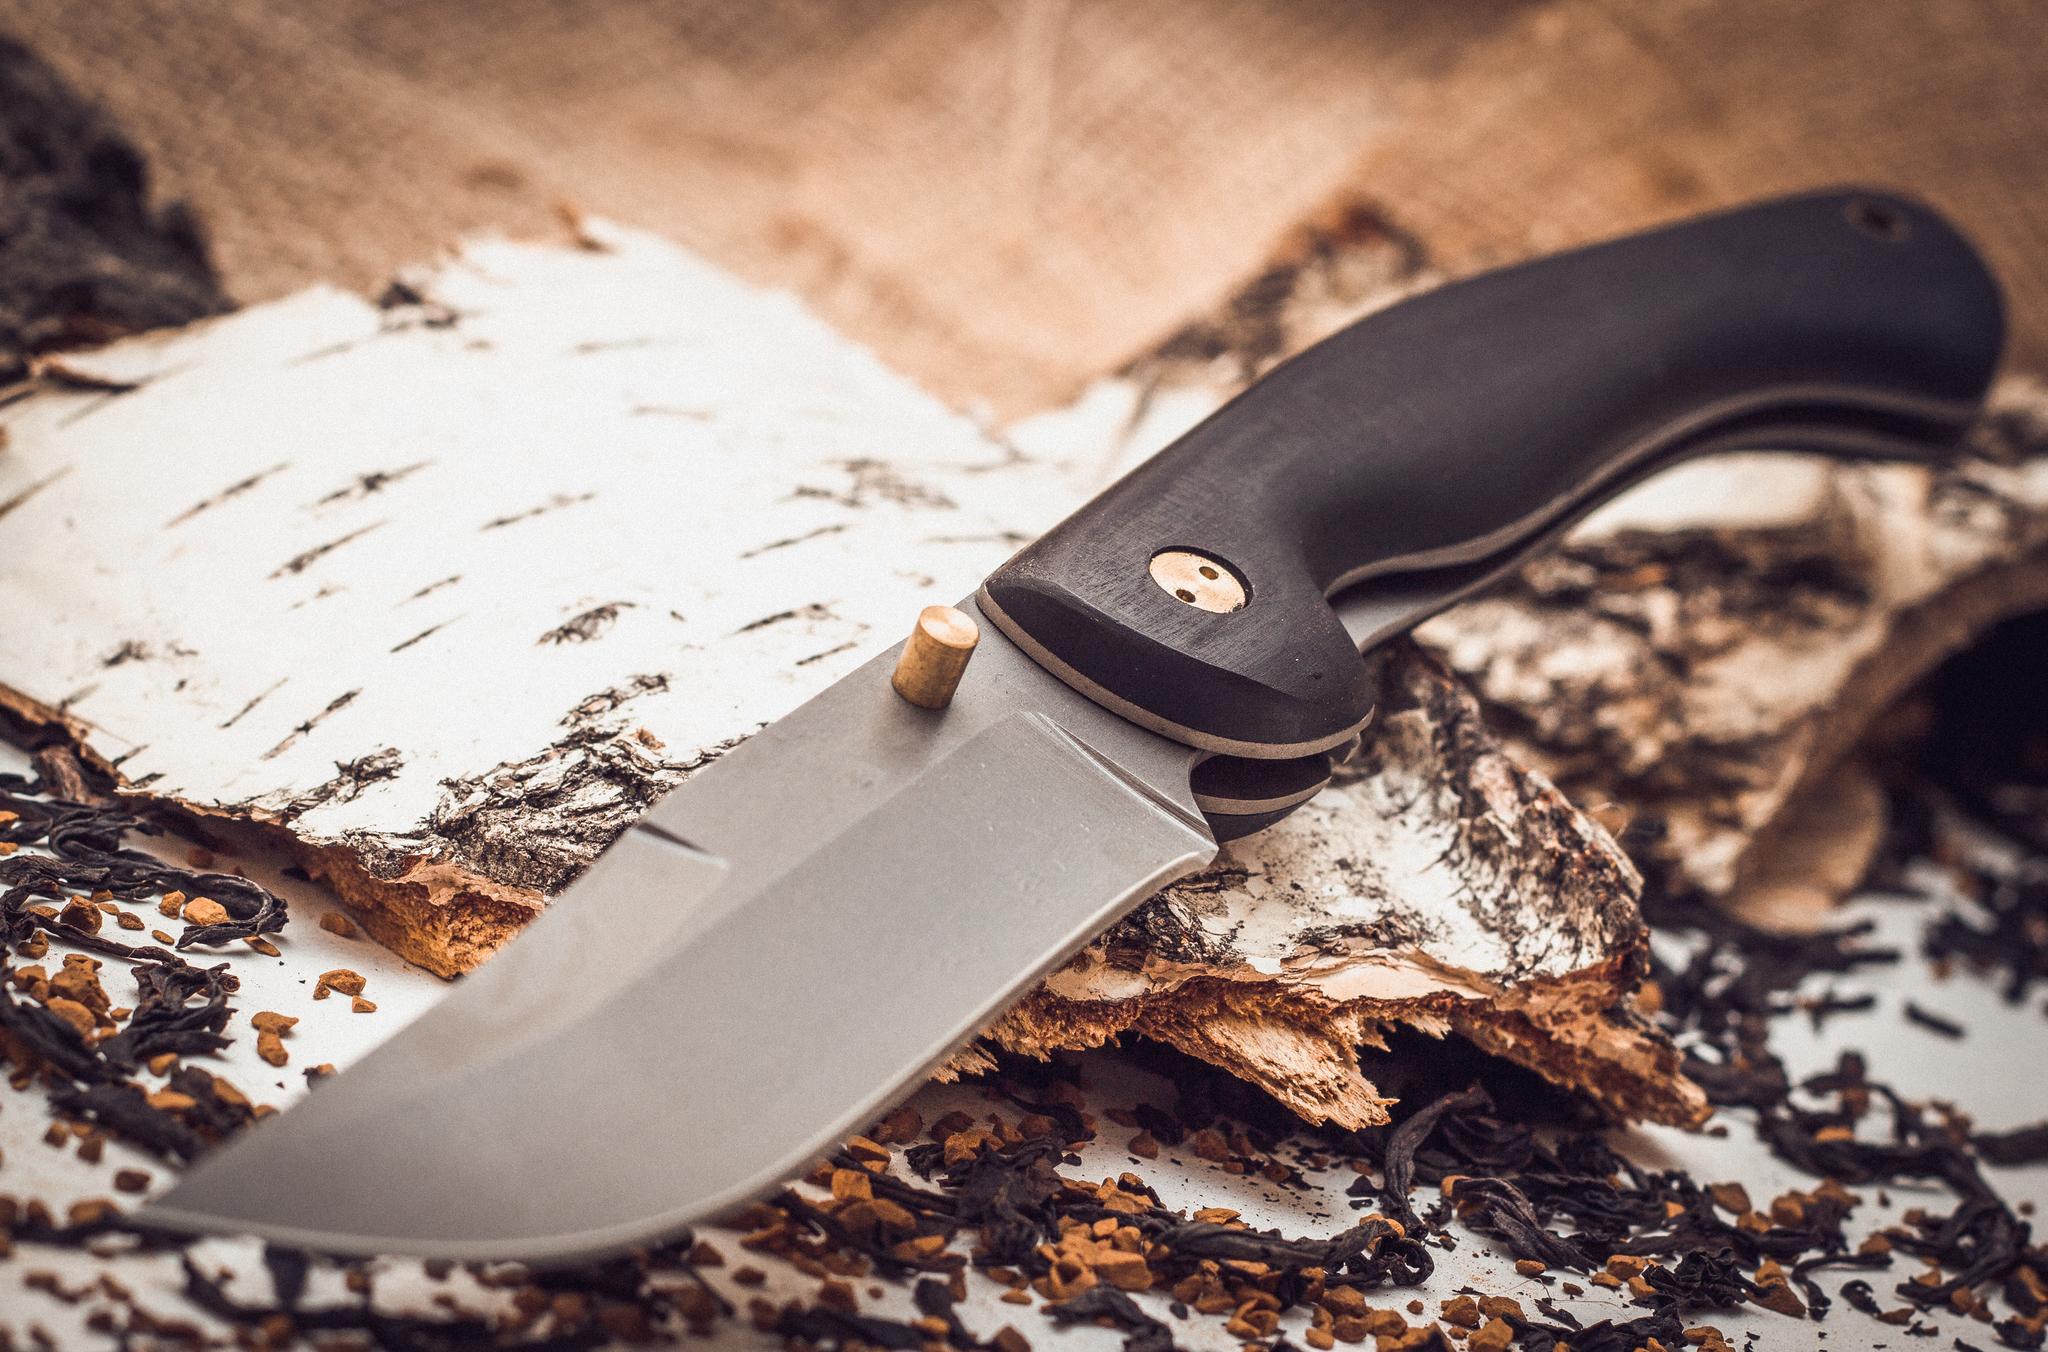 Фото 2 - Складной нож Азиат, сталь 95х18, граб от Марычев